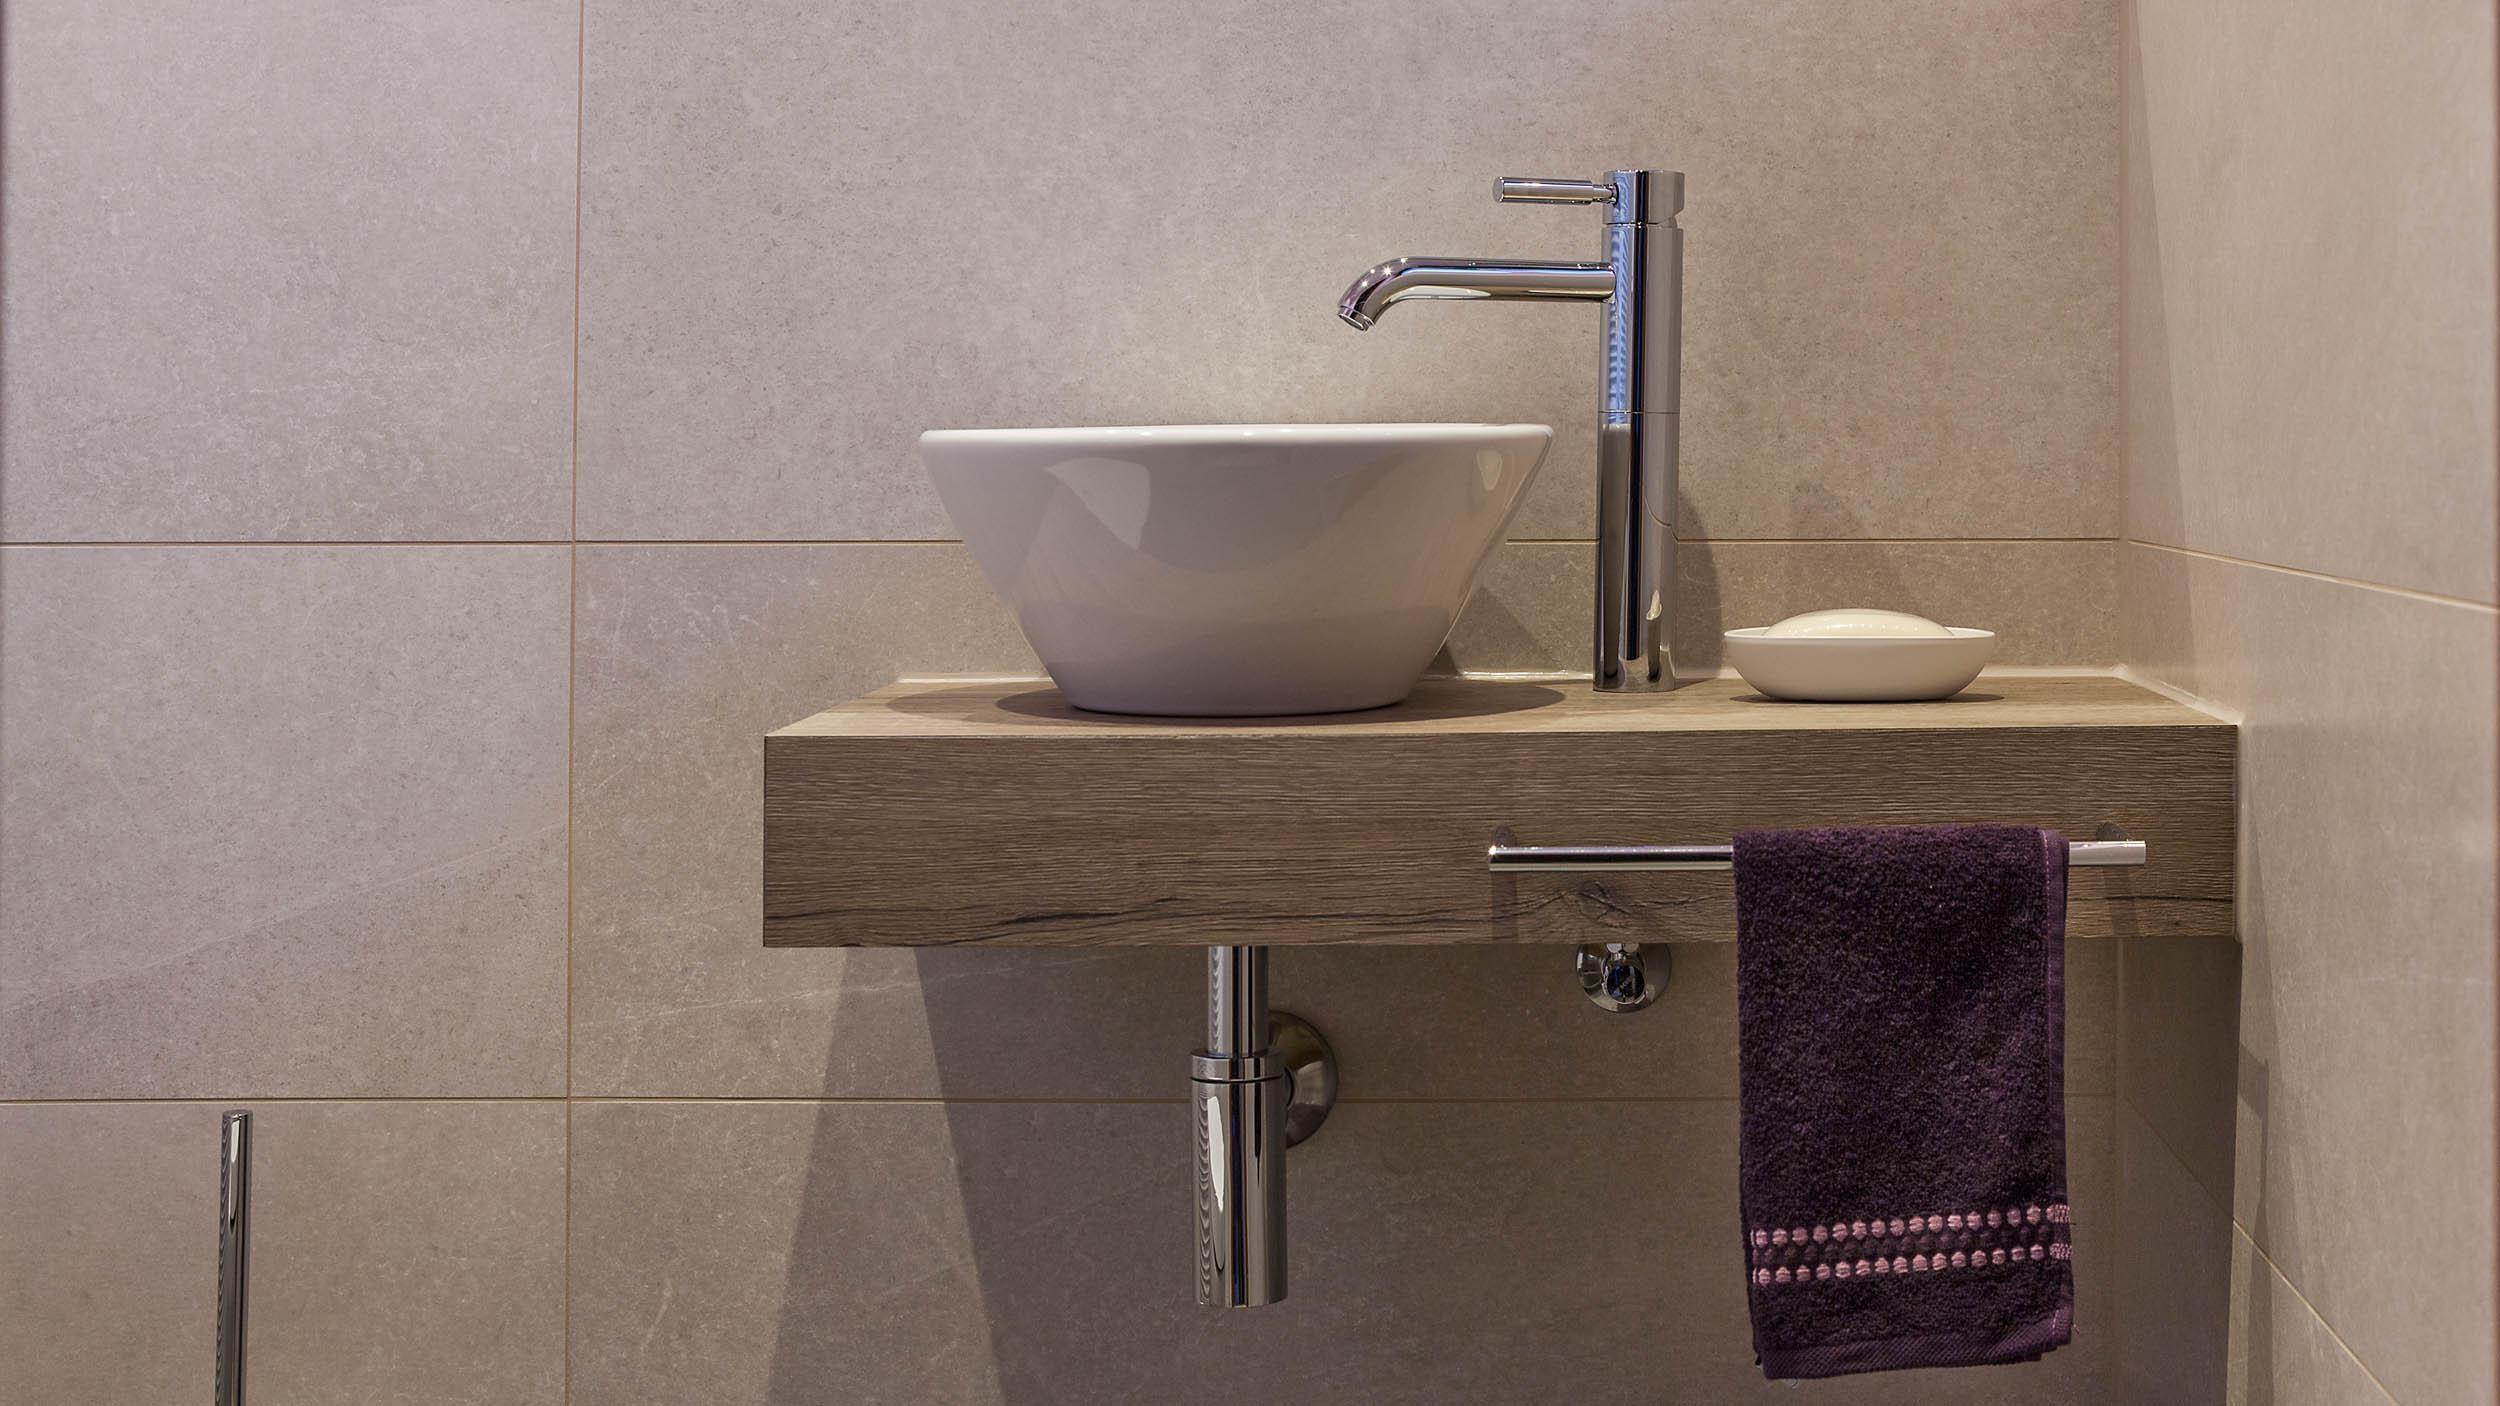 #bestebadstudios #badezimmer #bad #waschbecken #modernesbadezimmer  #badsanierung